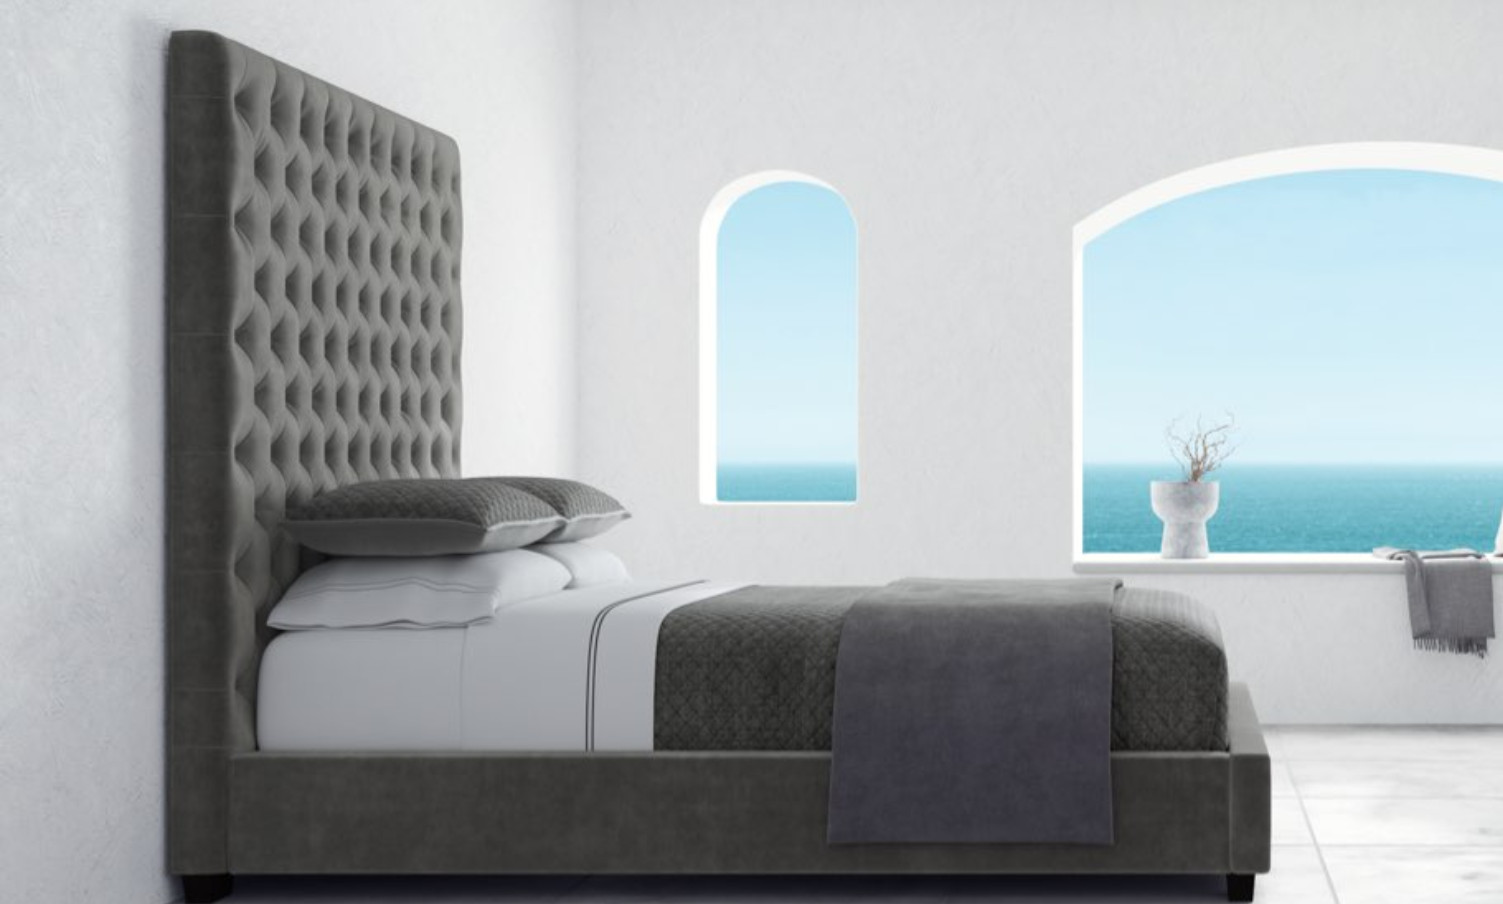 designer marbella bed frame in graphite